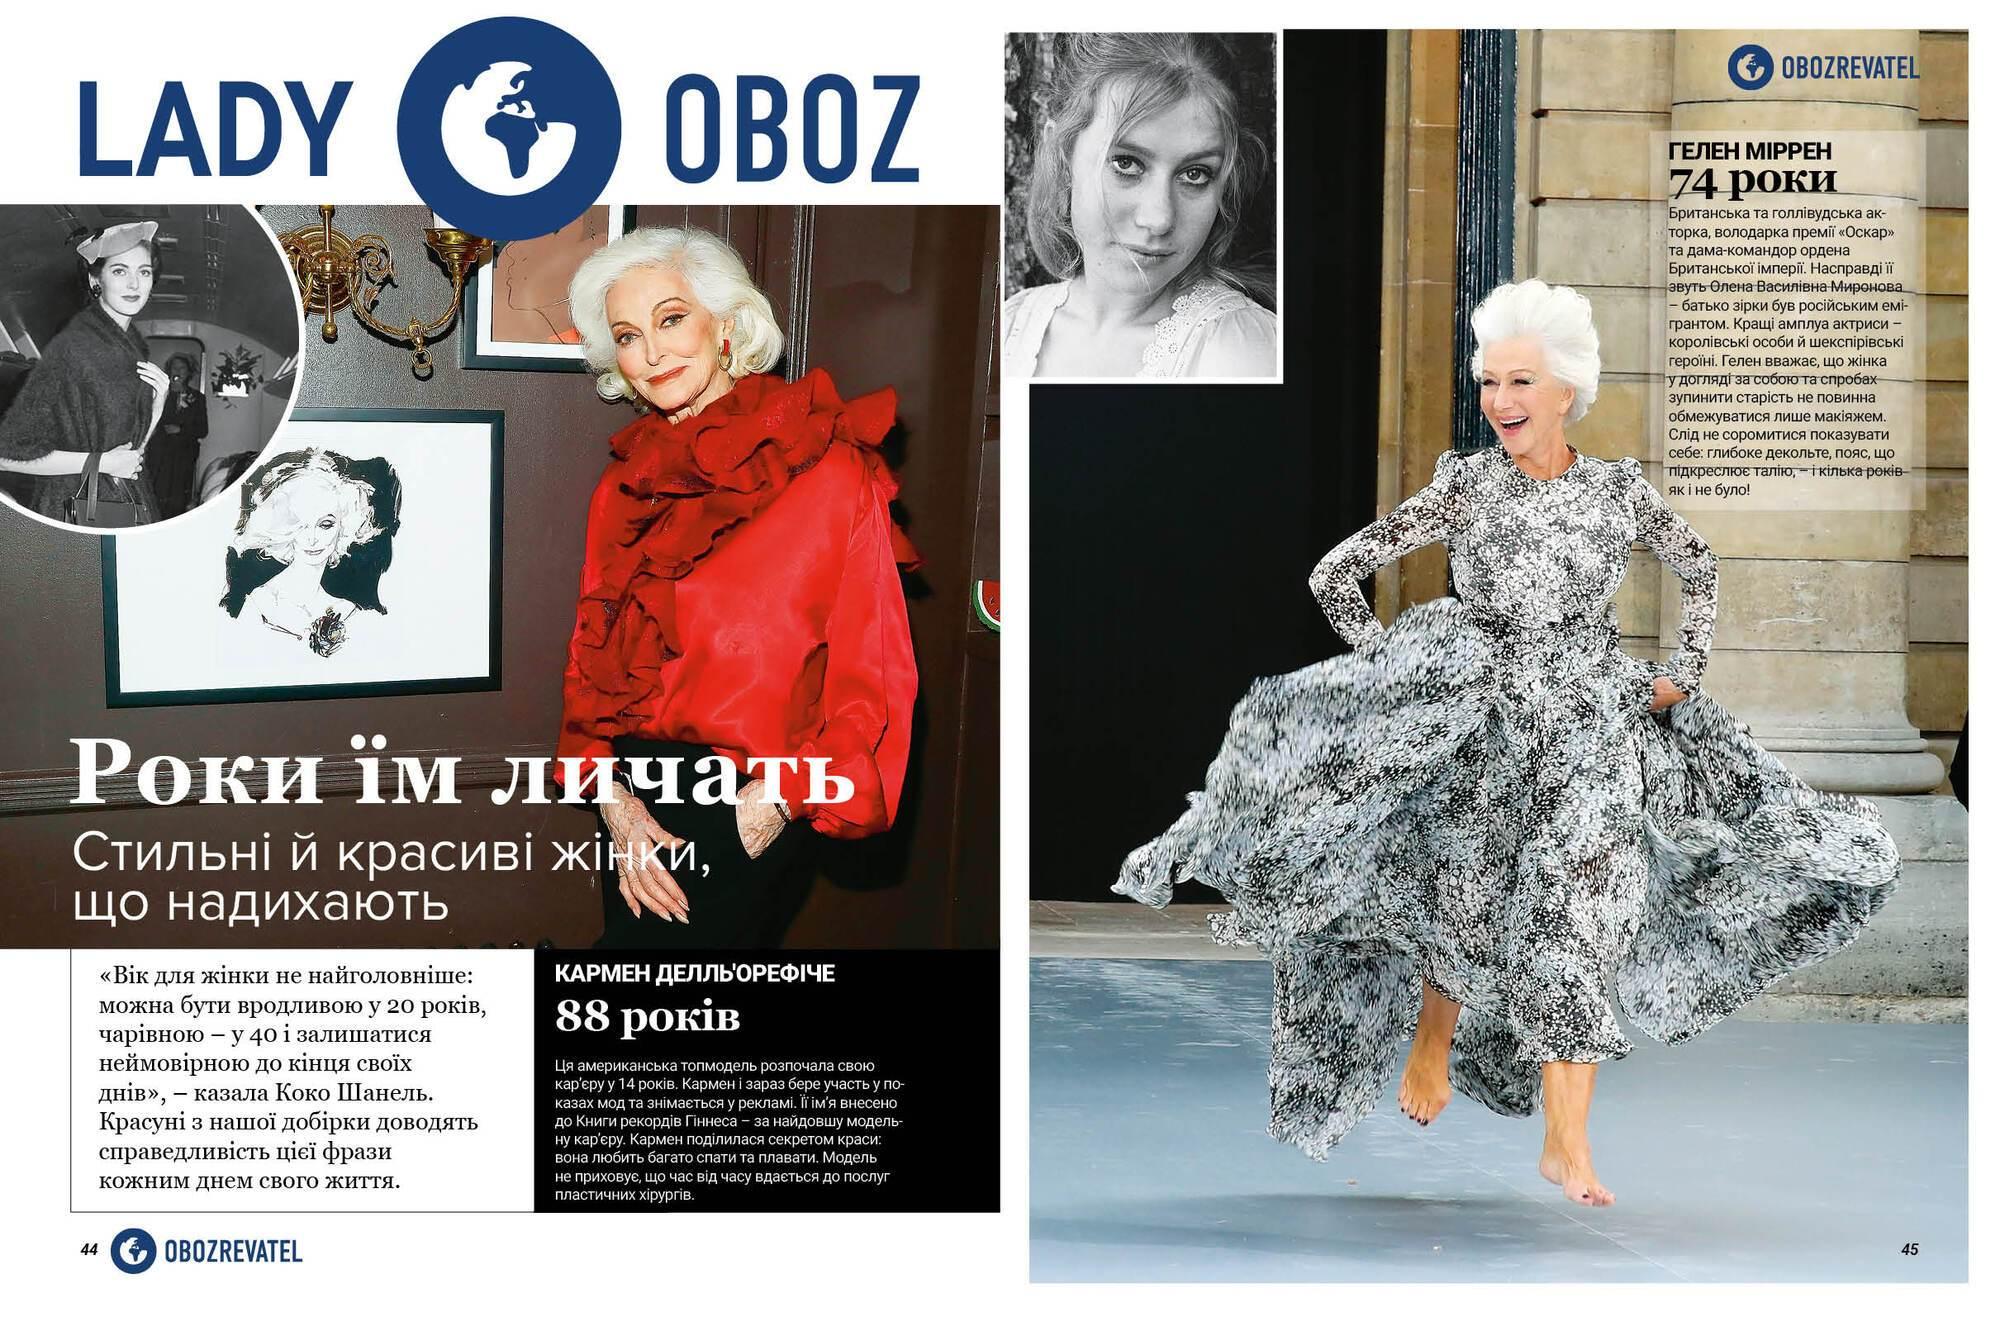 Перший номер журналу OBOZREVATEL за 2020 рік: MARUV, секс-скандали і зимова казка України